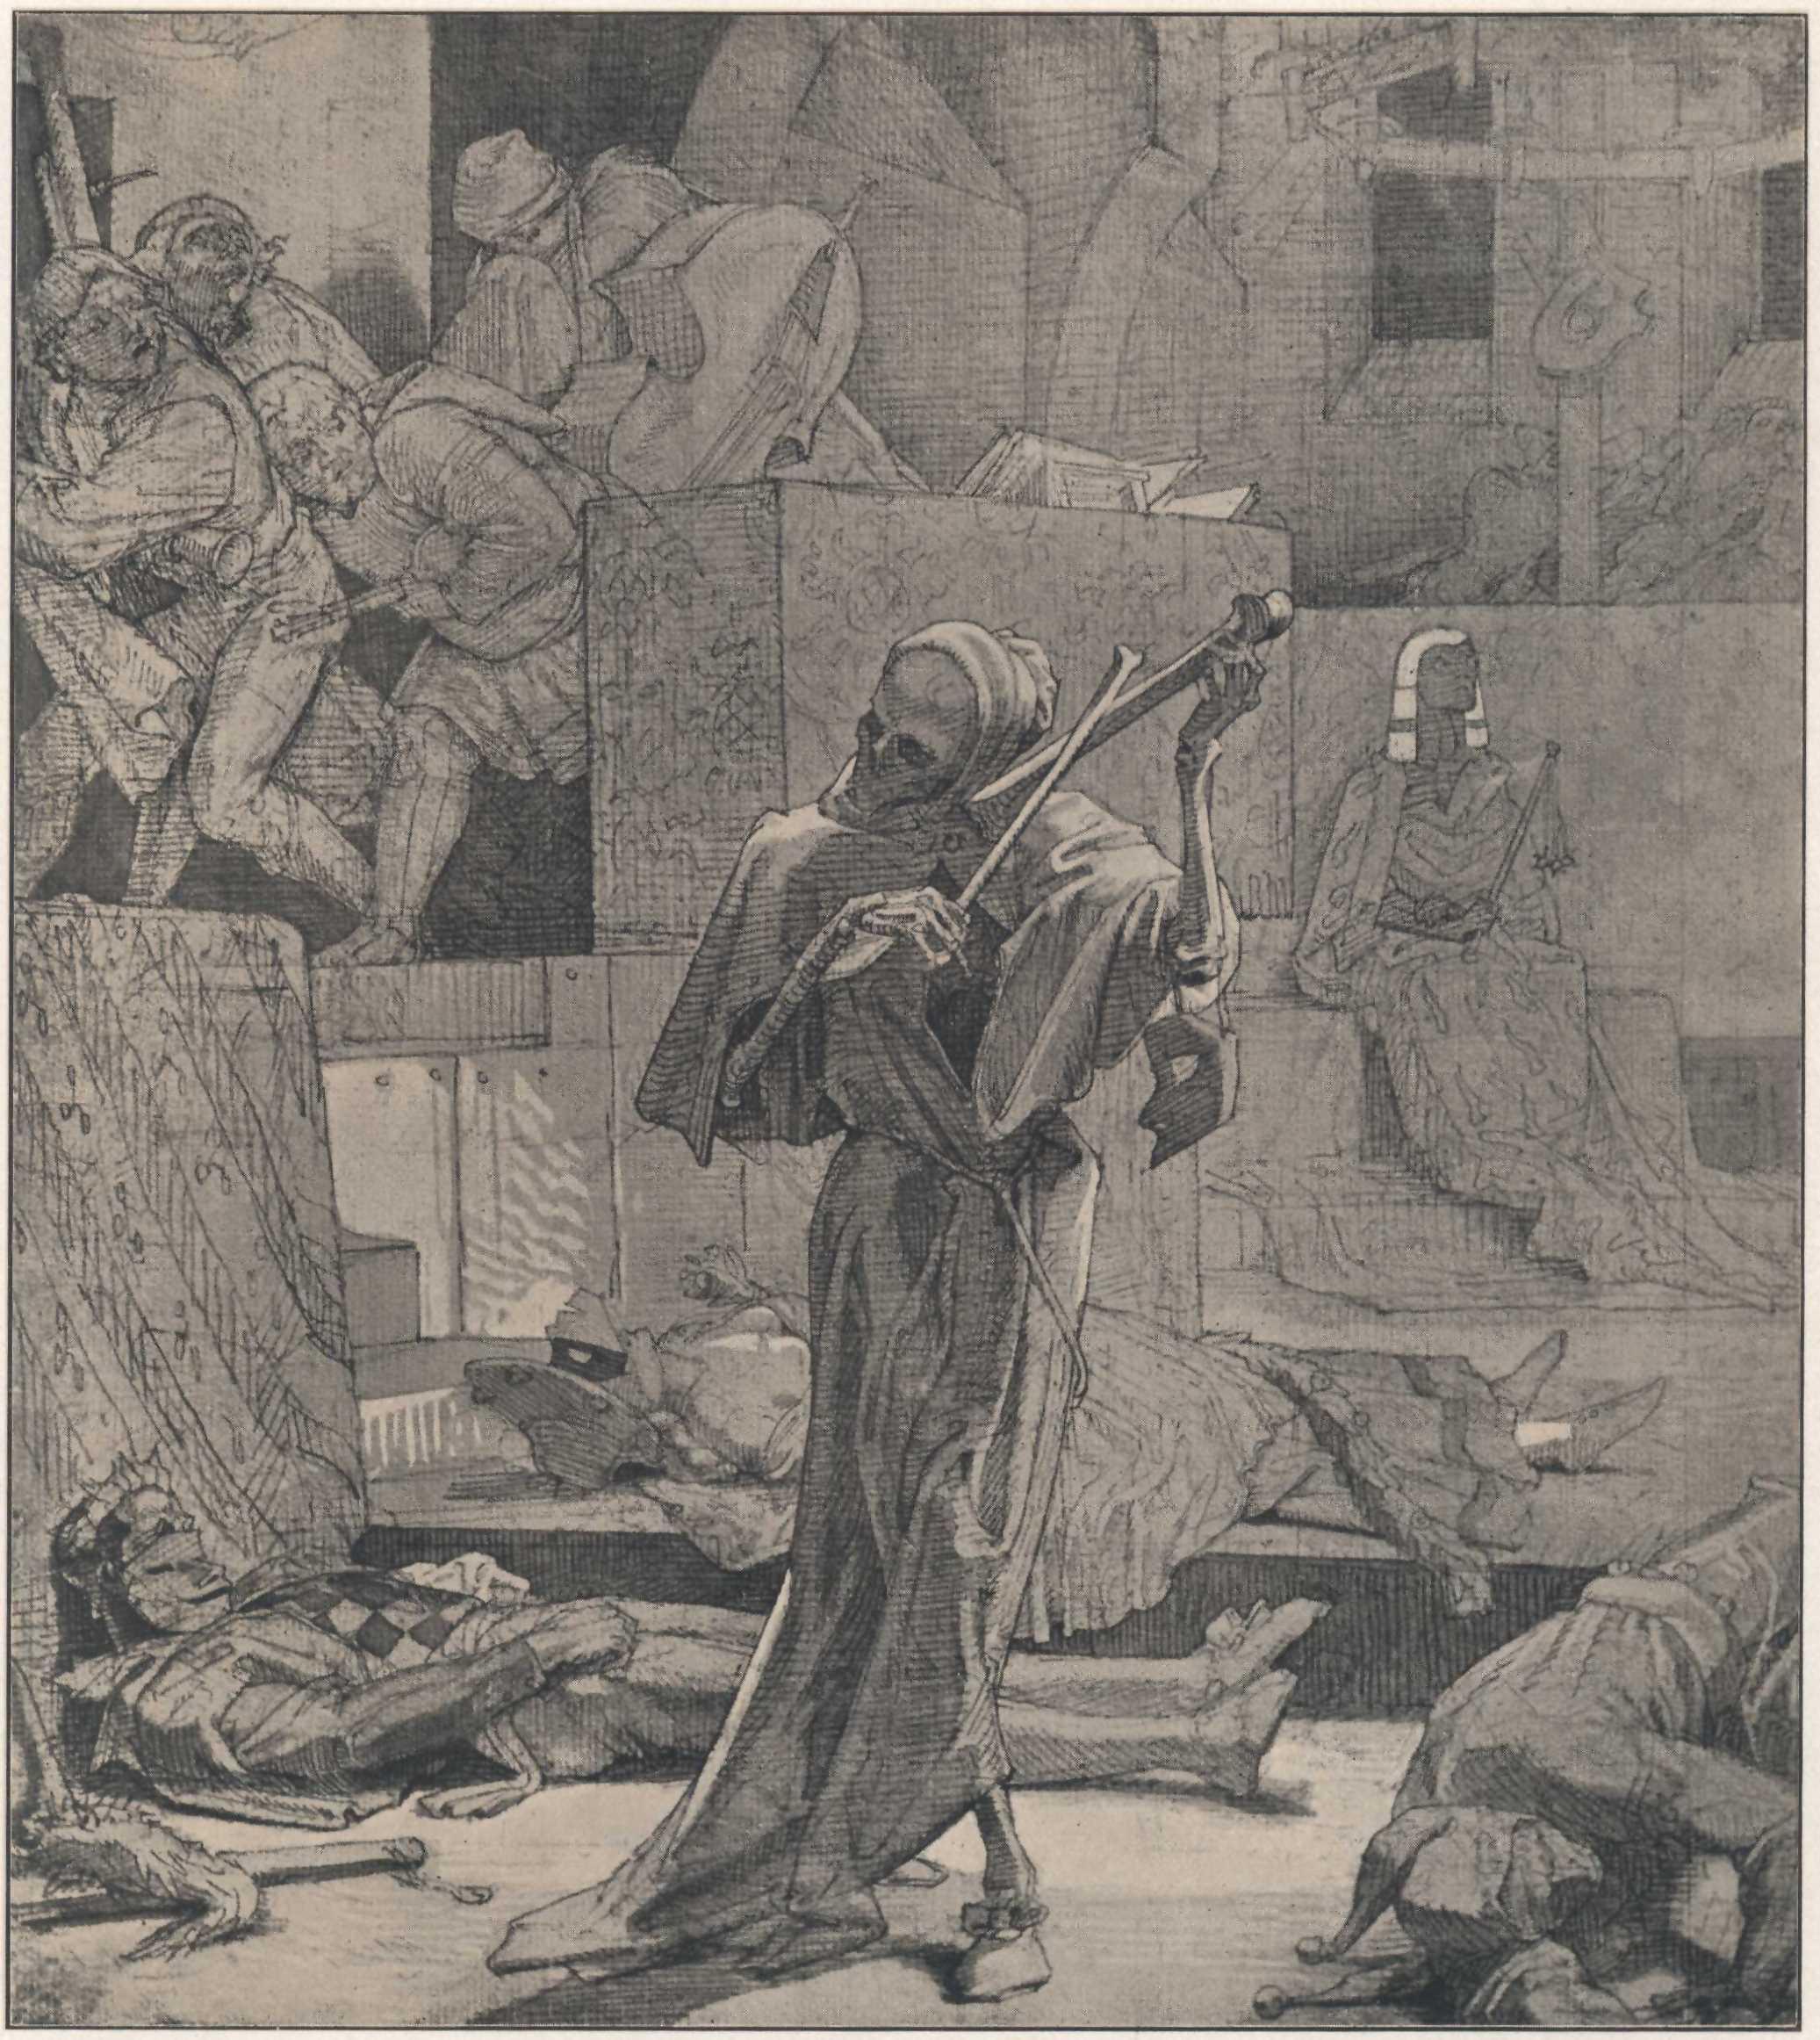 Alfred Rethel 1847 La Mort comme etrangleur Tod als Erwurger